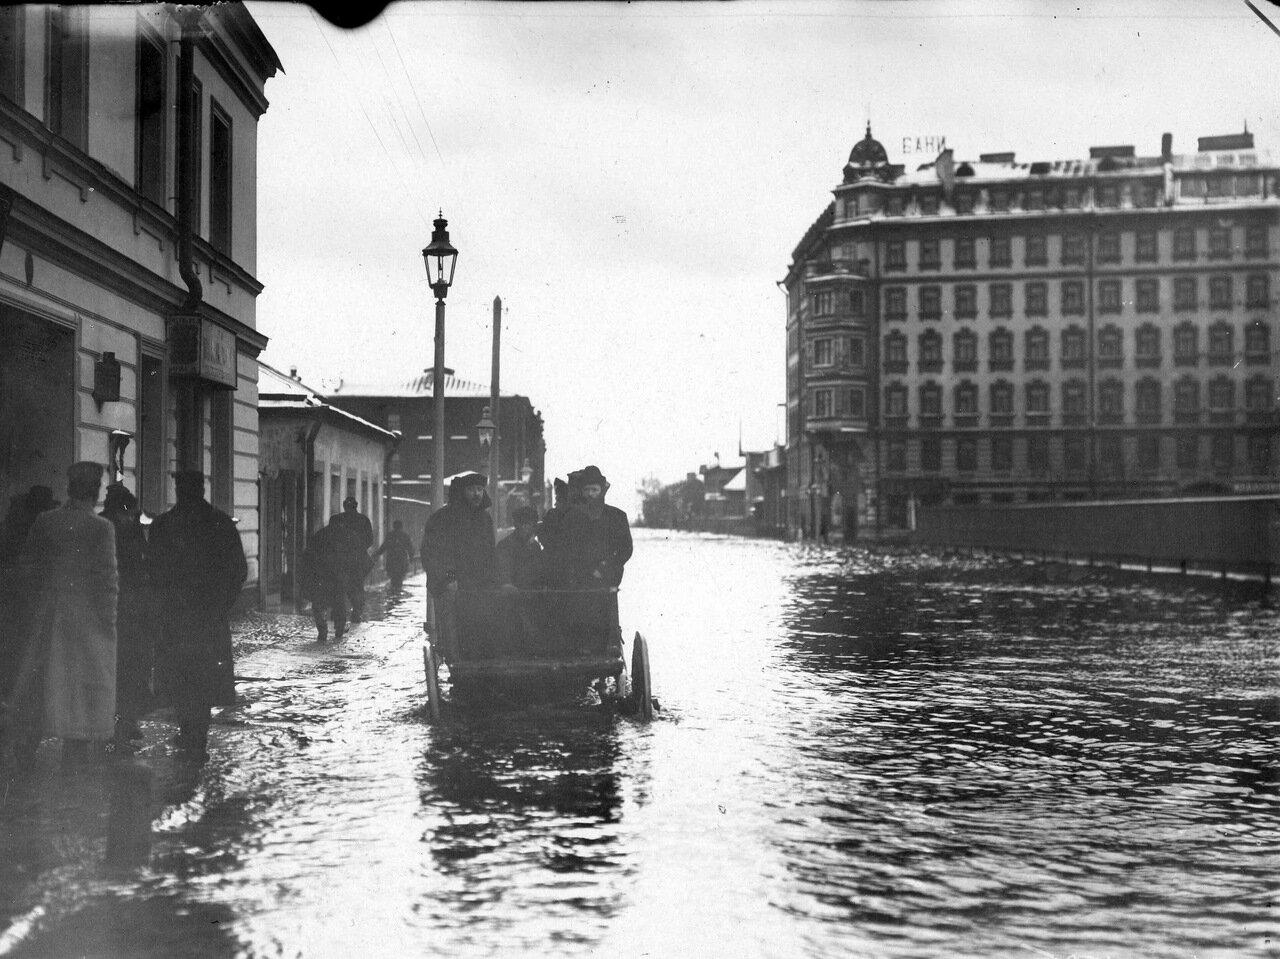 Наводнение. Большой проспект Васильевского острова. 1913 г.